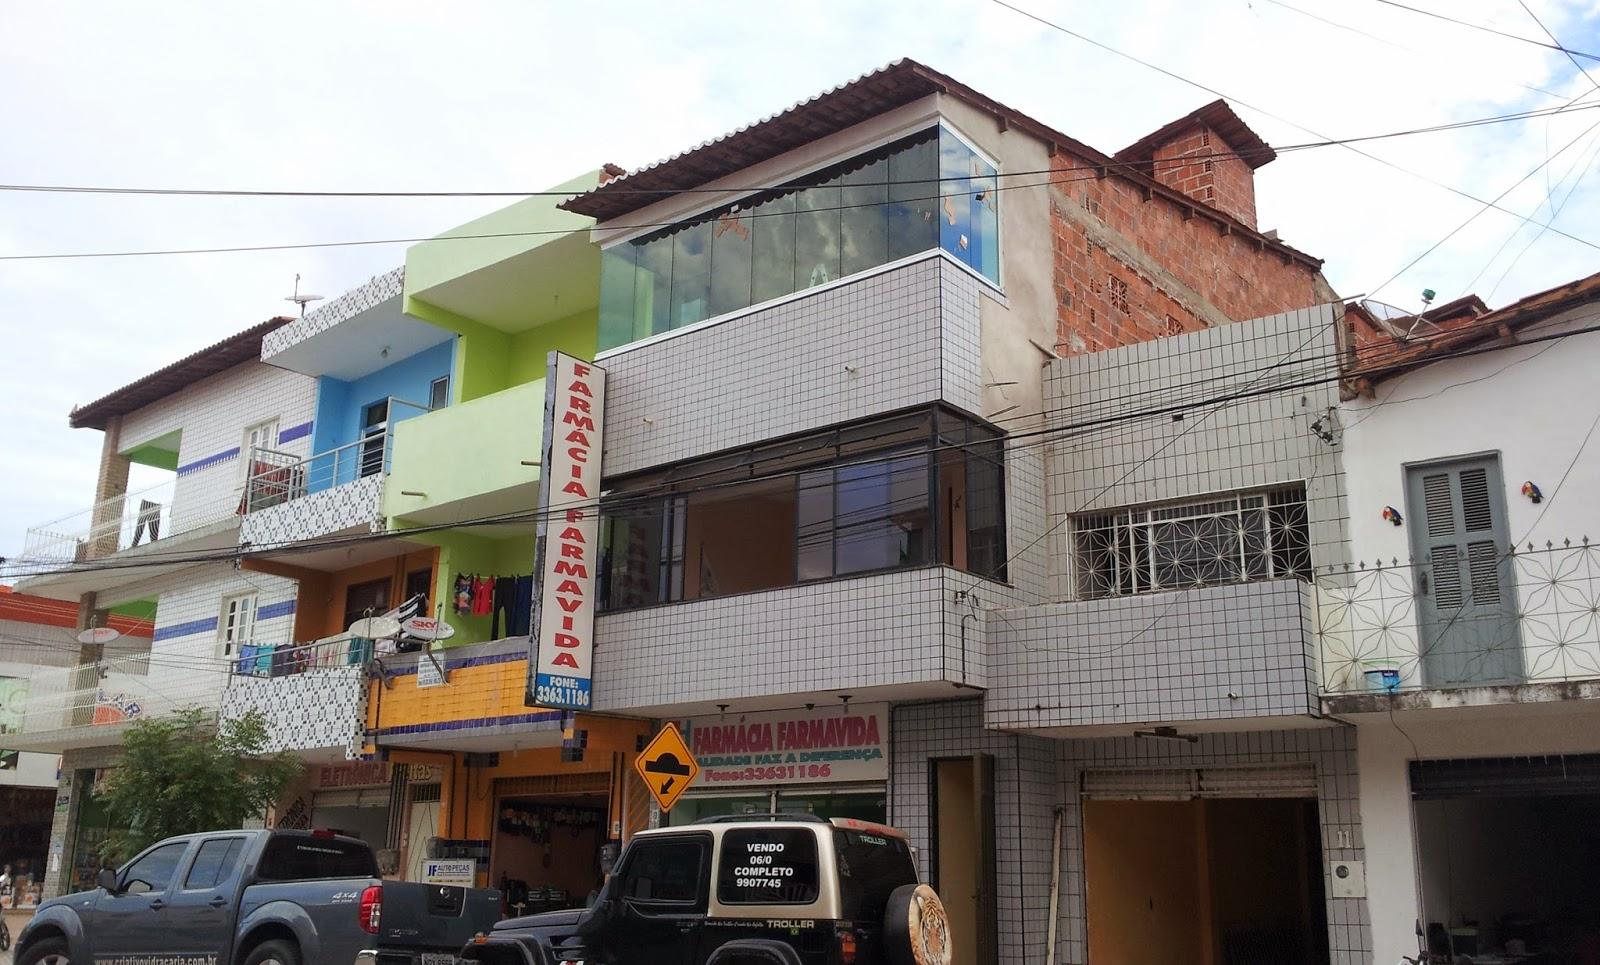 #66463B Criativo Vidraçaria: Cortina de vidro em Fortaleza 92 Janelas De Vidro Em Fortaleza Ce